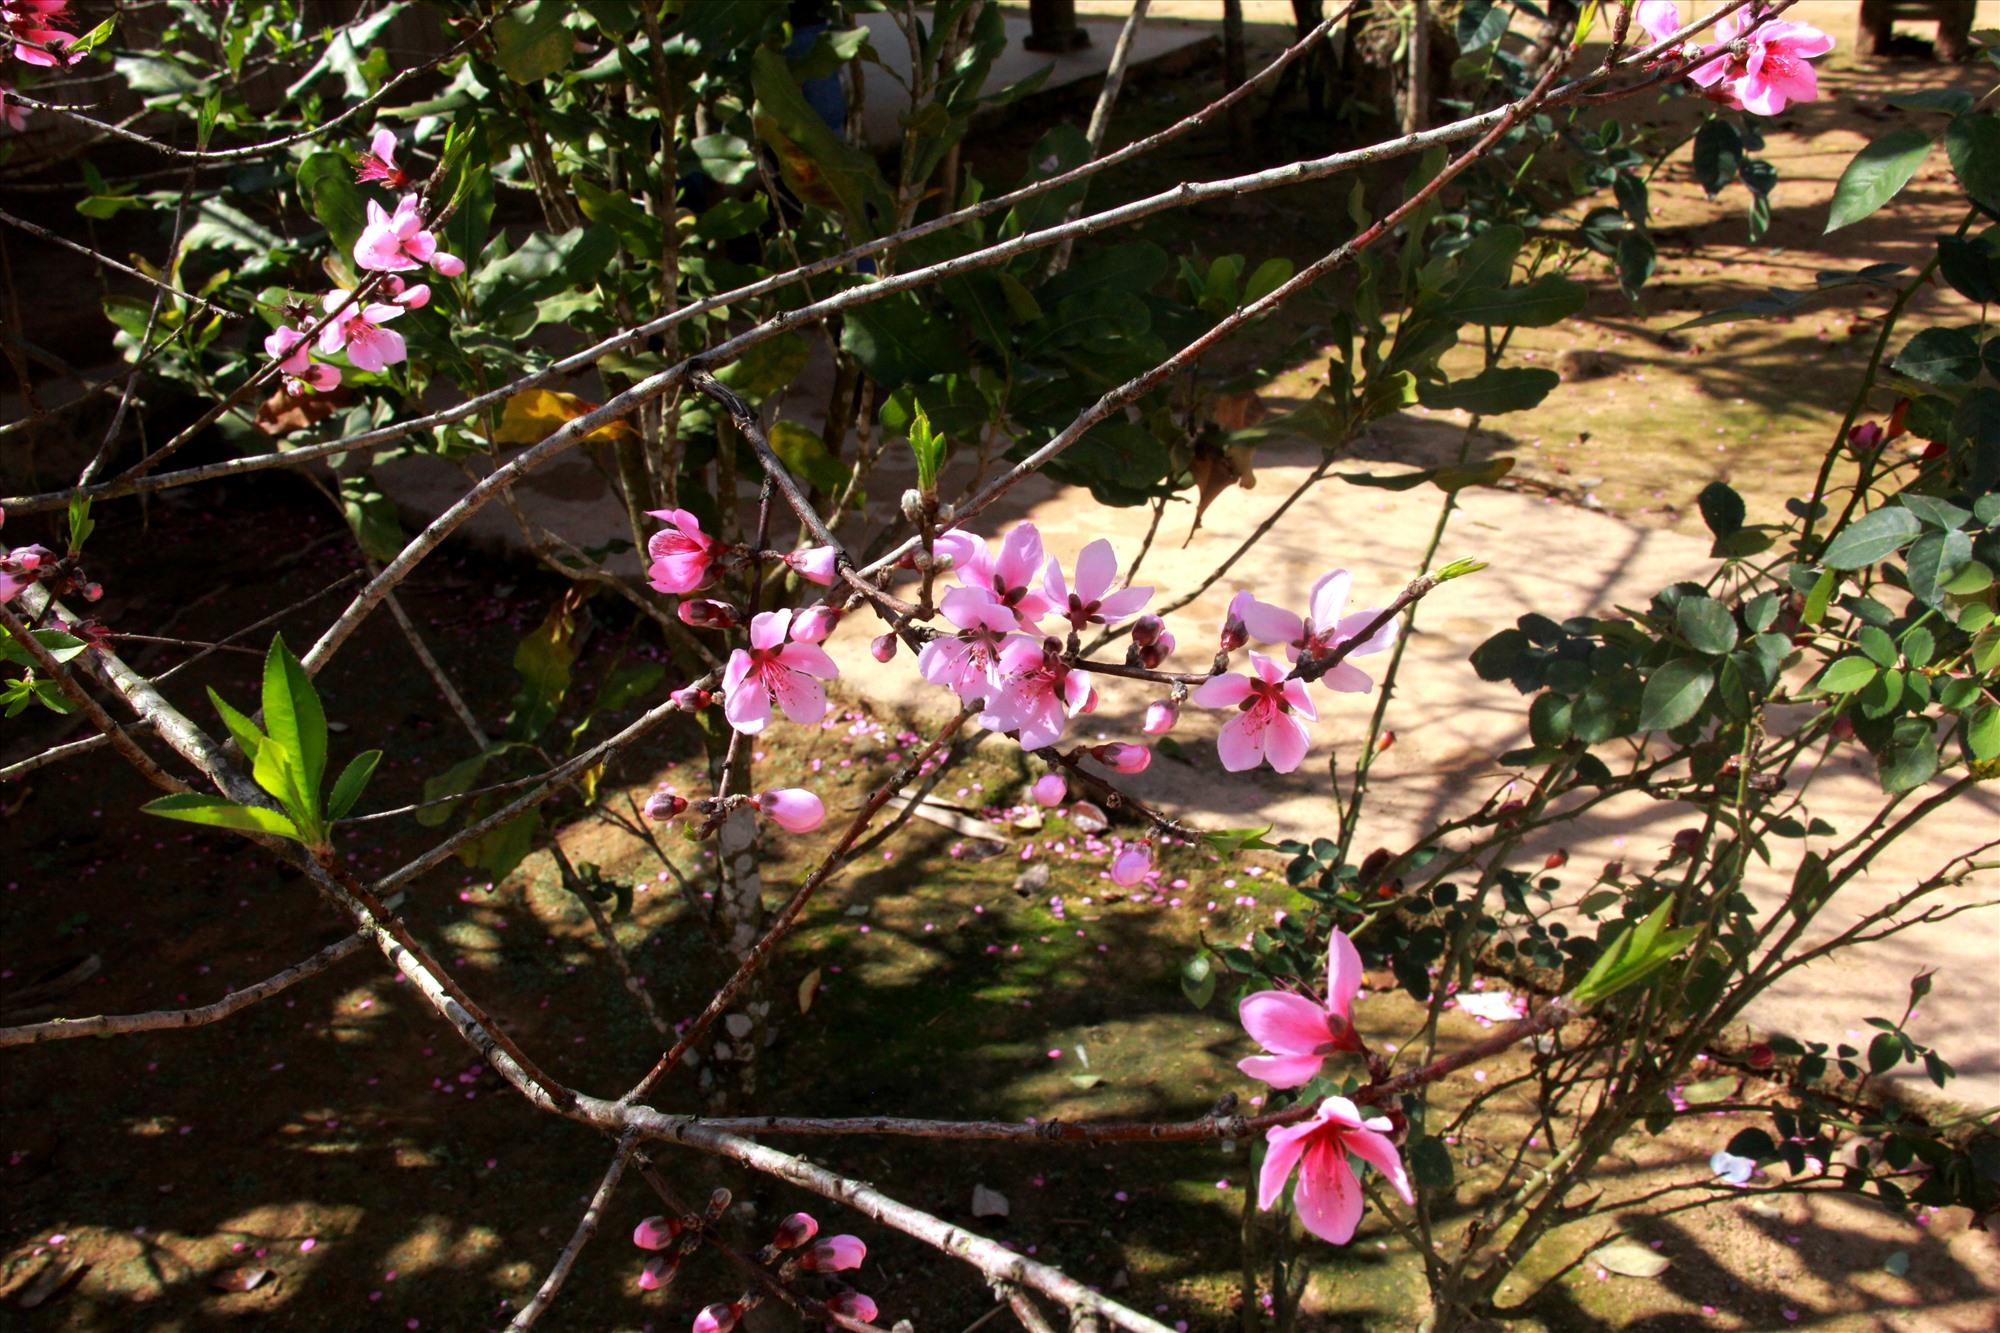 Theo già làng Pơloong Jim, điều thú vị ở loài hoa đào này, ngoài trổ bông đúng vào dịp tết còn kéo dài được thời gian nở. Hoa không tàn sớm như một số loại hoa khác ở vùng biên này. Ảnh: Đ.N